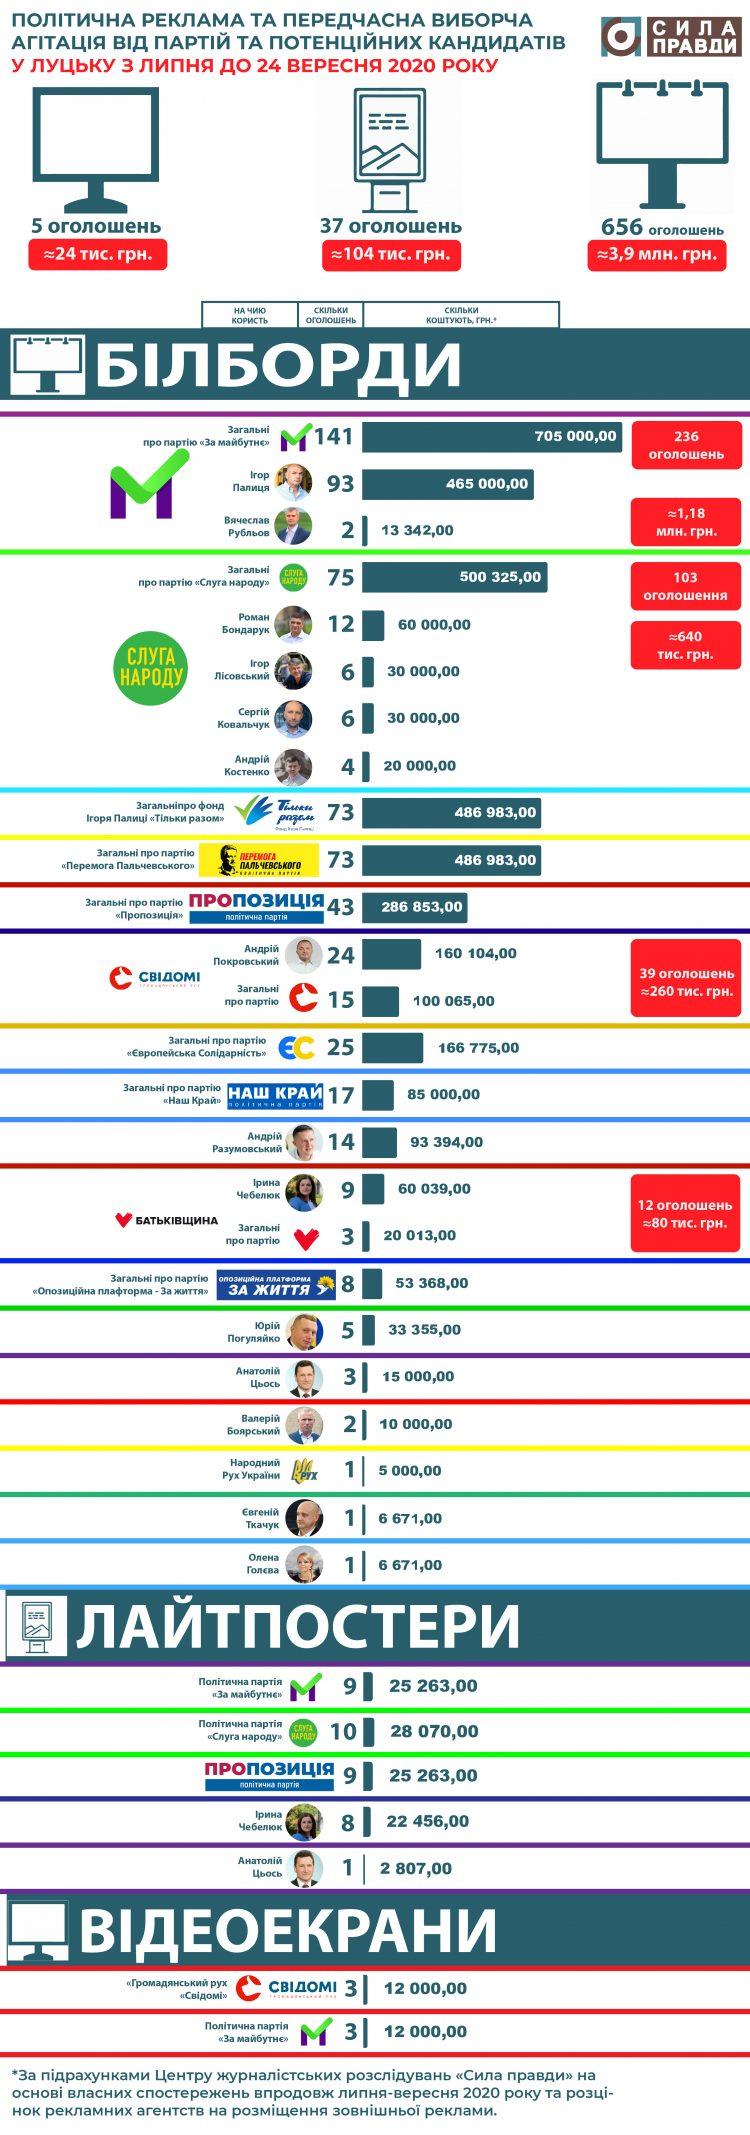 інфографіка infographic політична реклама Луцька